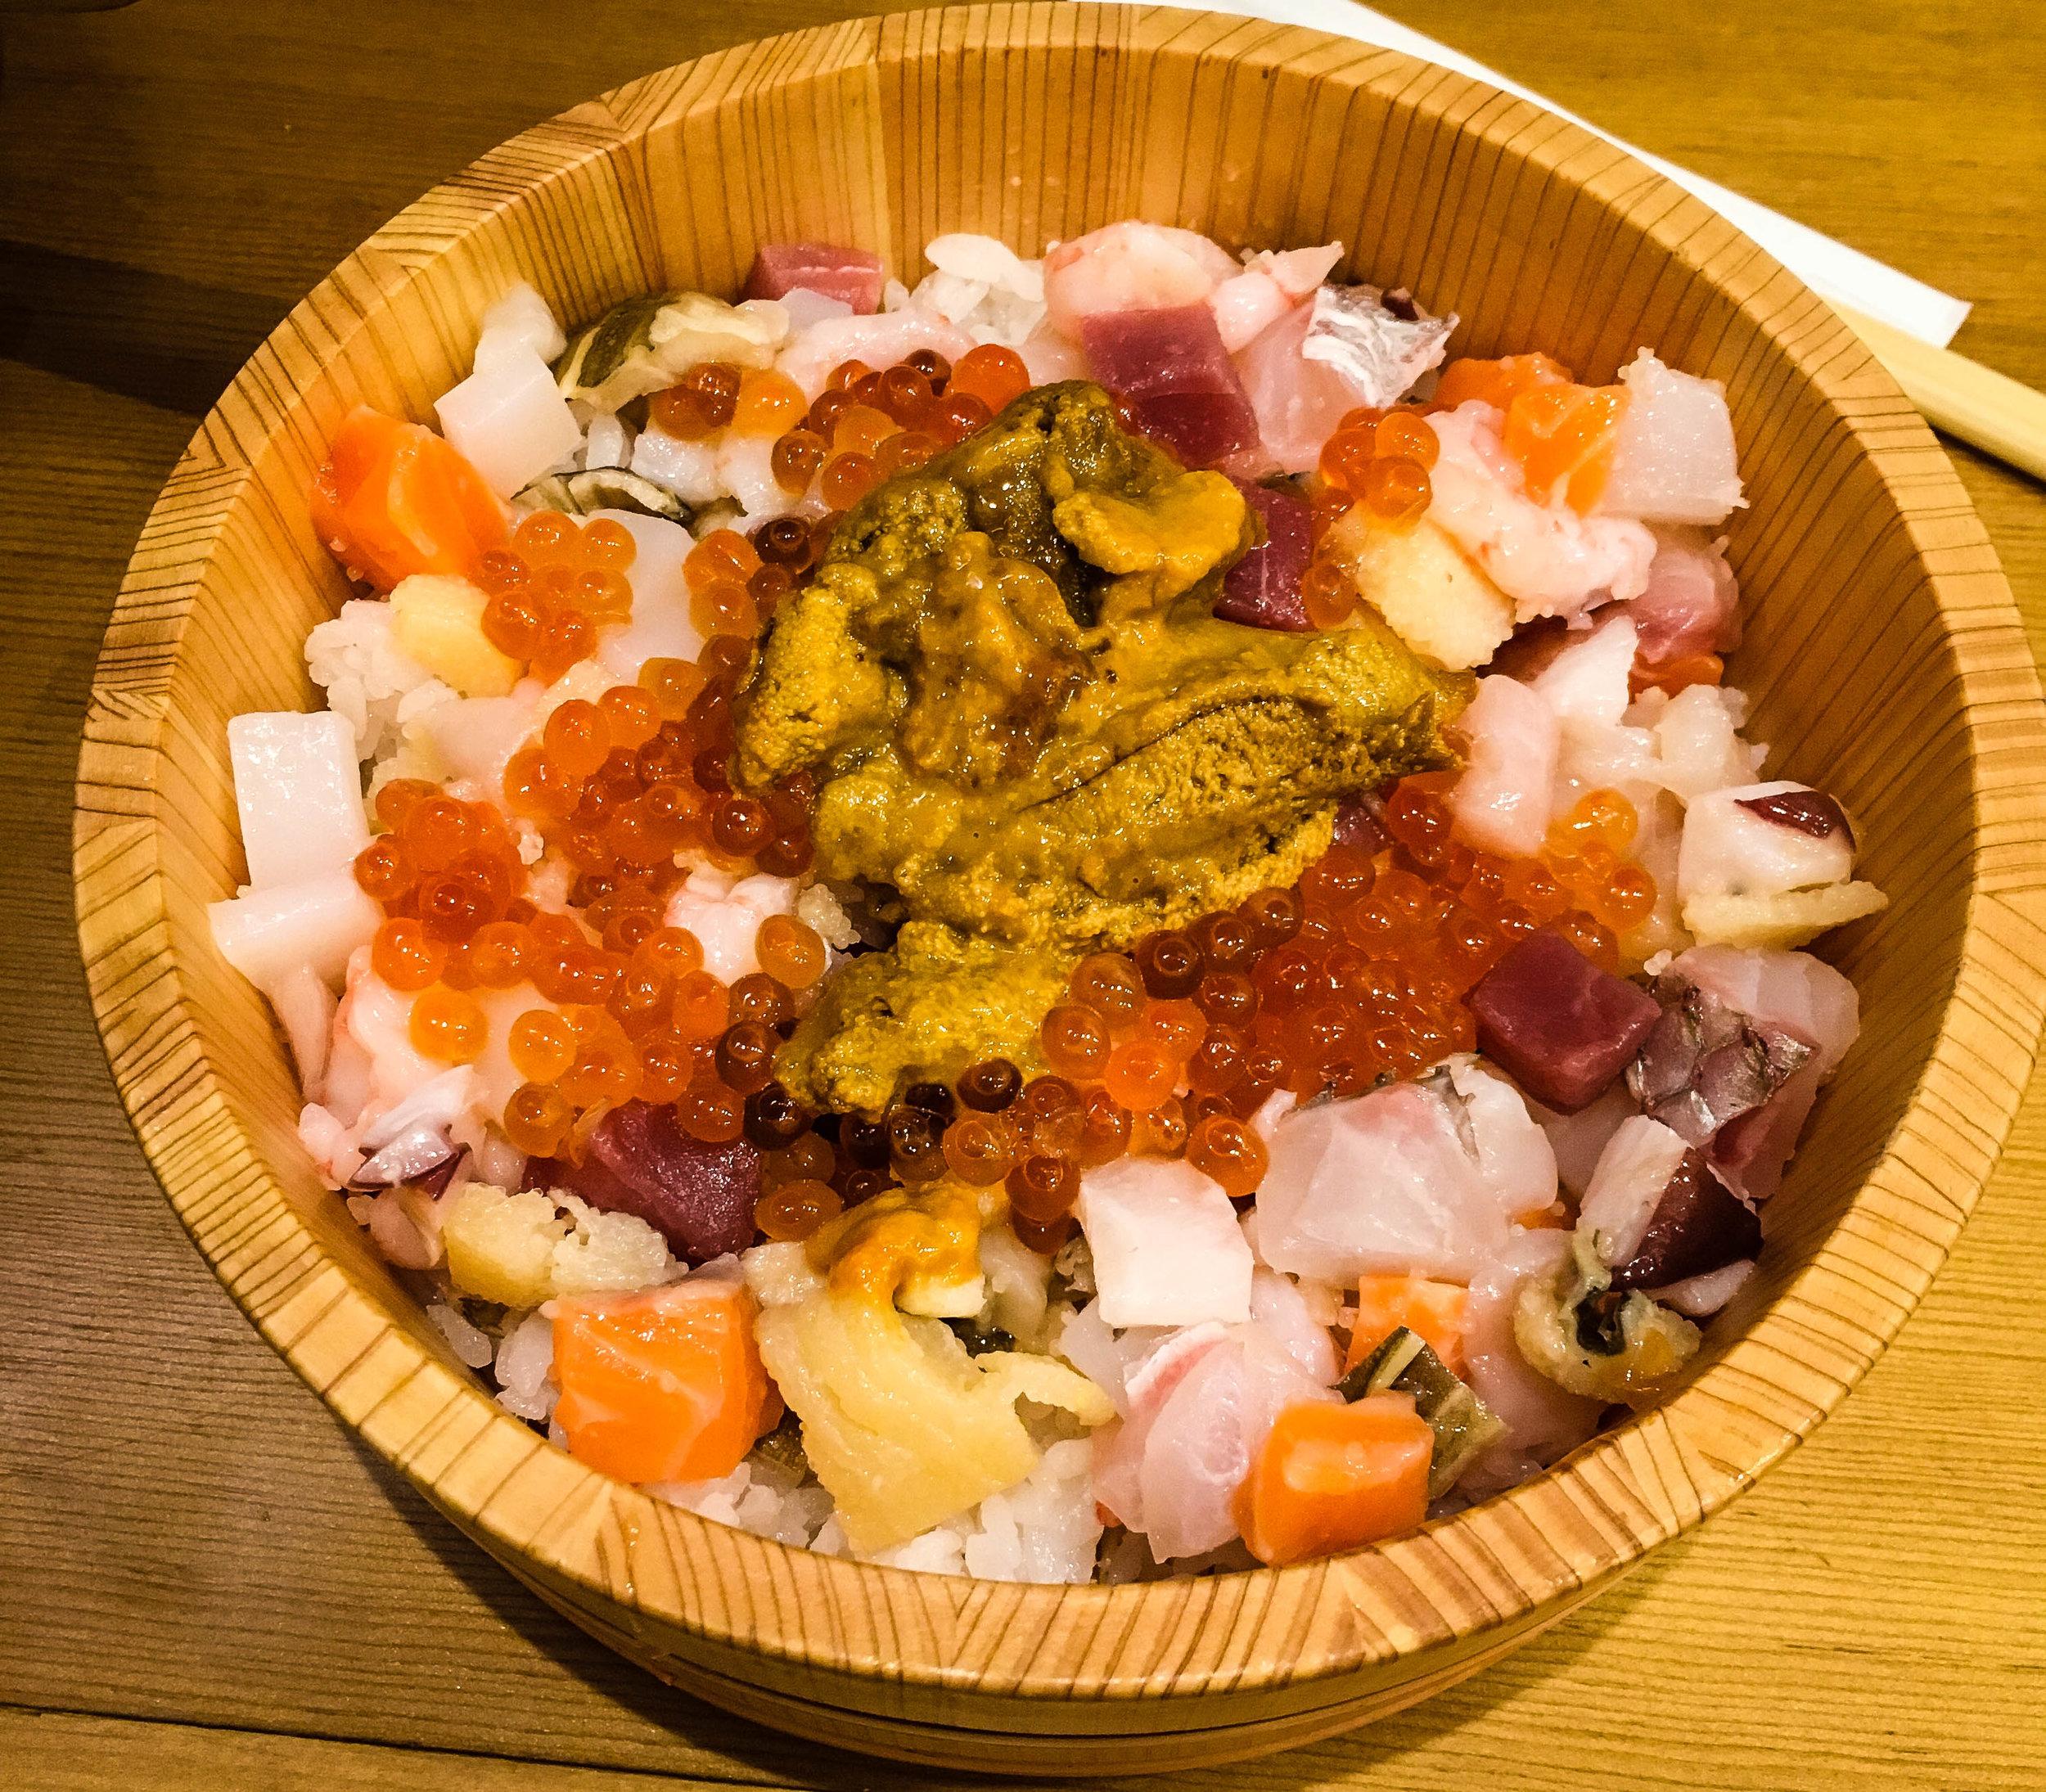 Breakfast at Tsukiji fish market. Part of Tokyo itinerary 7 days